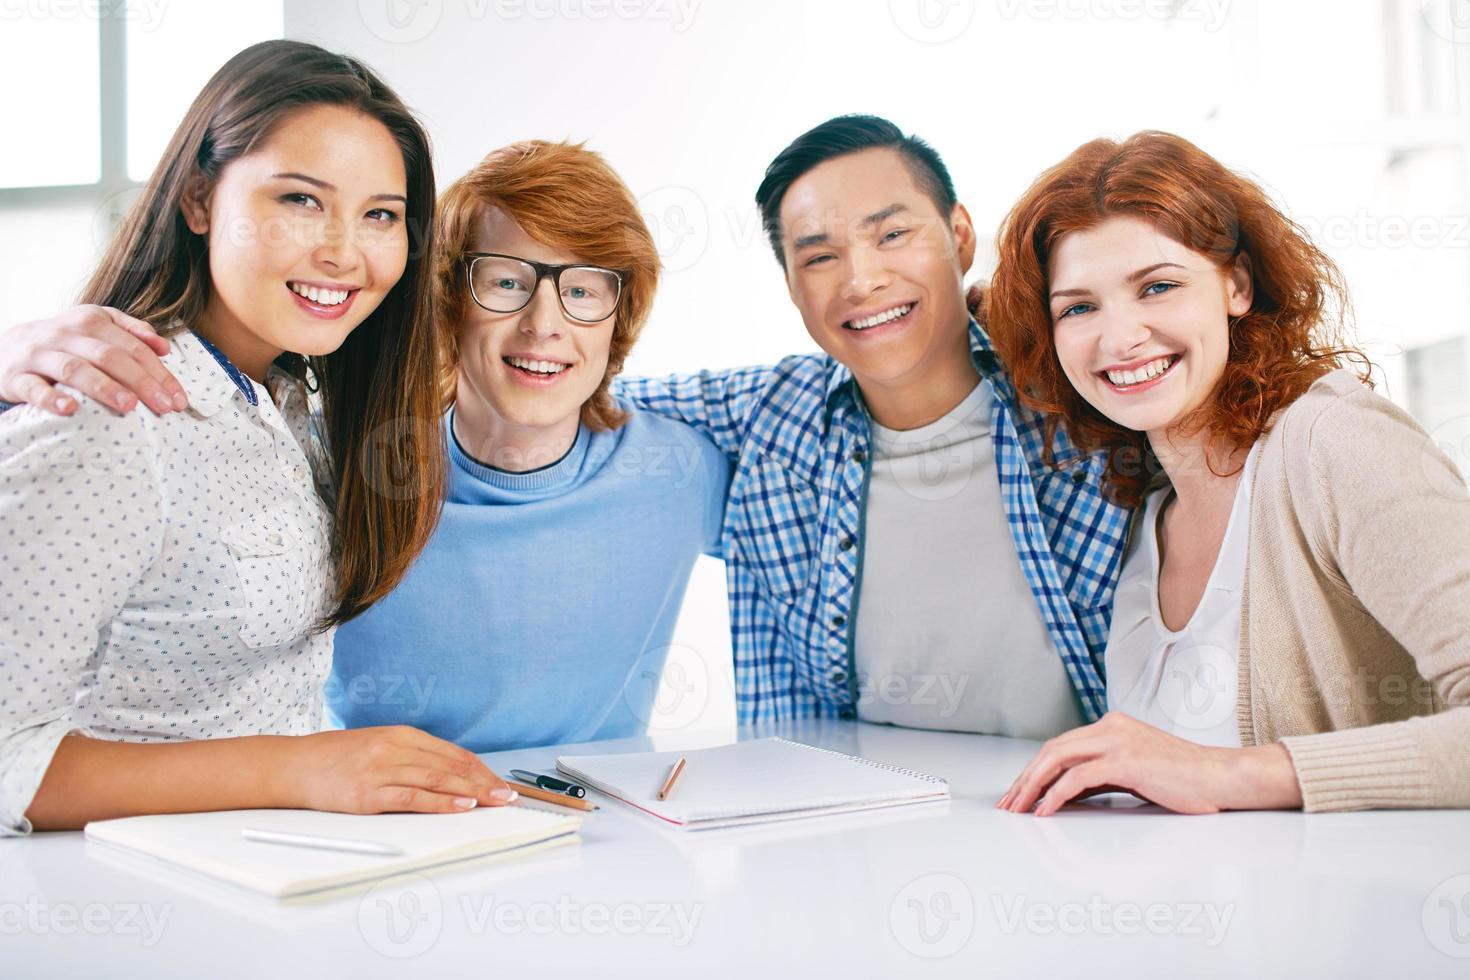 étudiants heureux photo